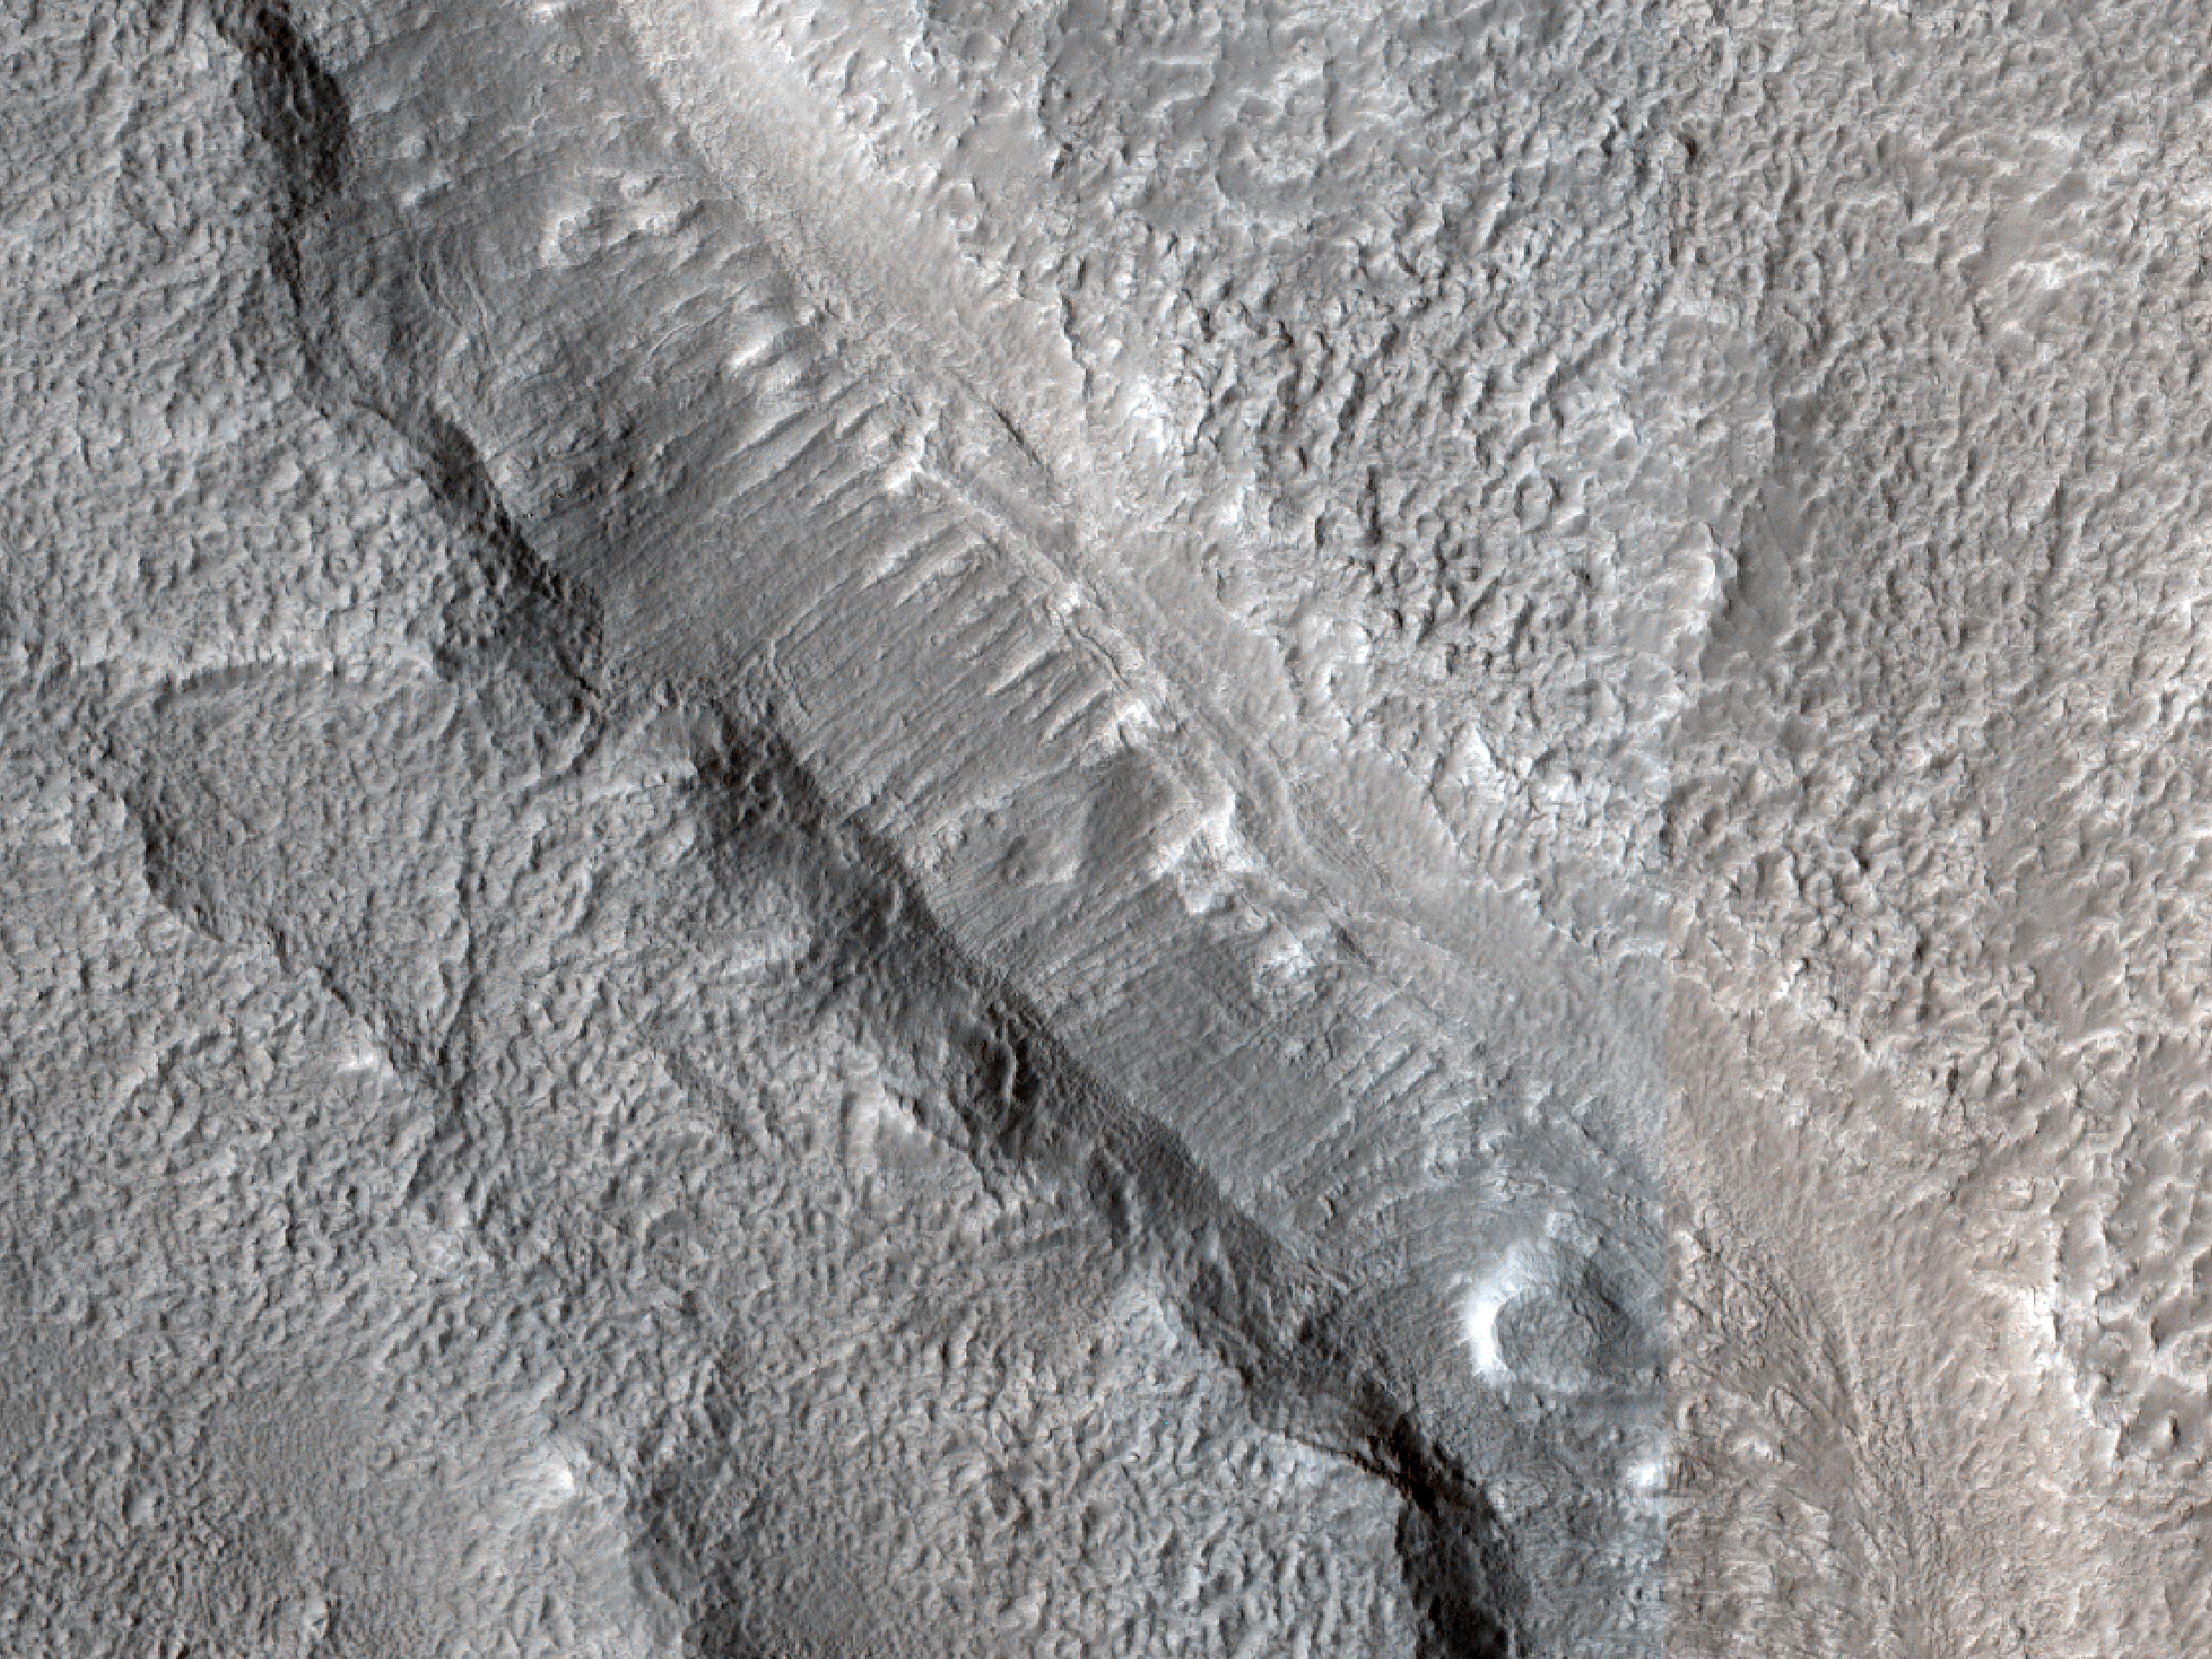 Layers along Channel in Arabia Terra